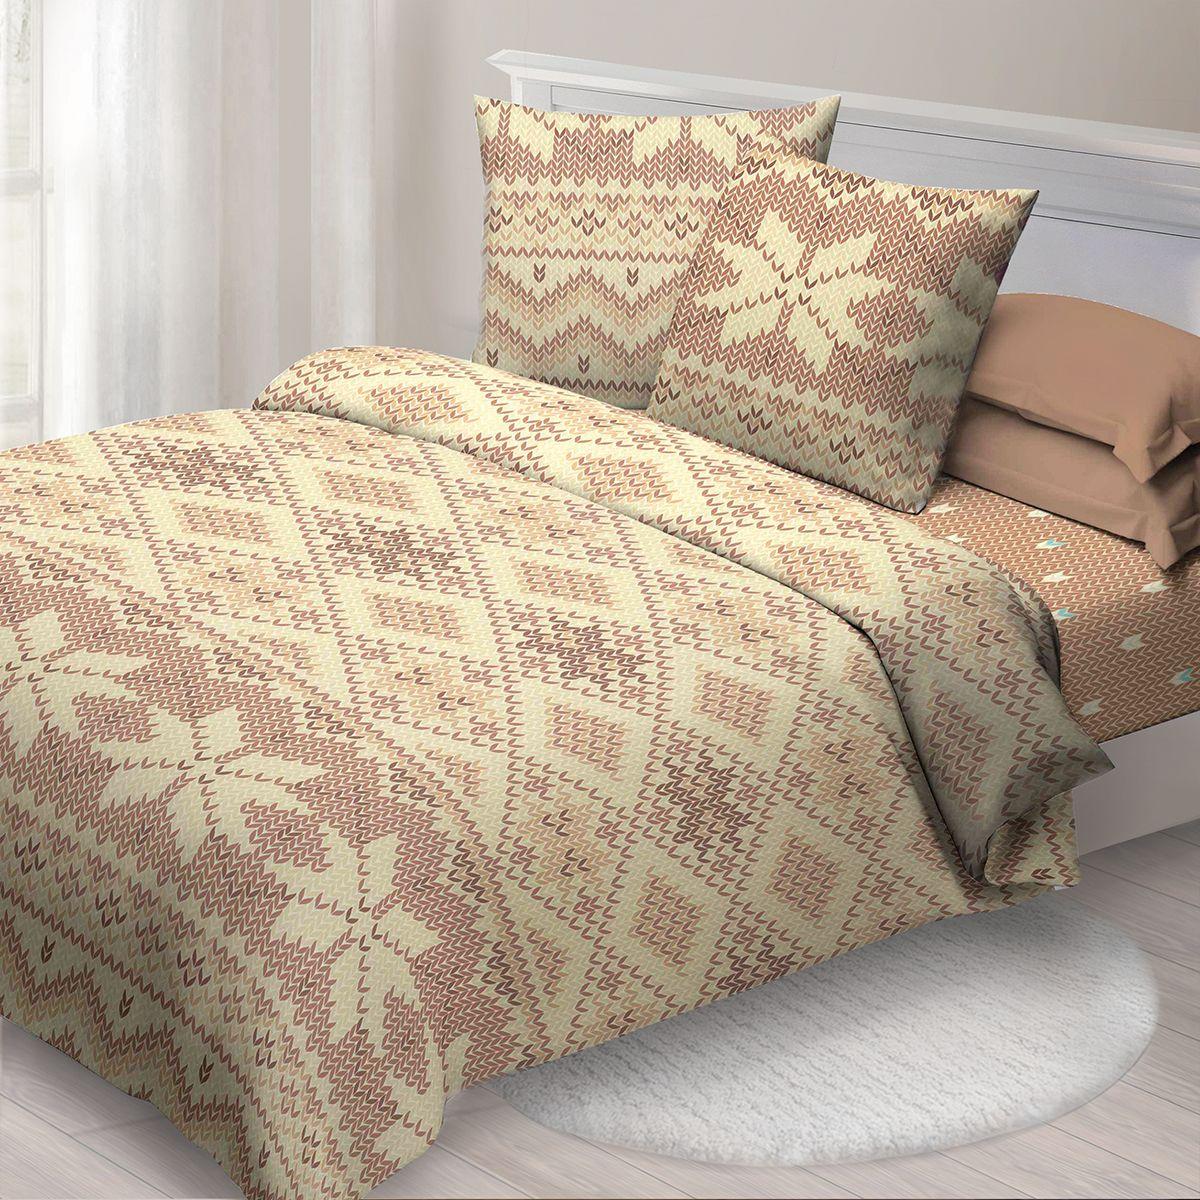 Комплект белья Спал Спалыч Ингрид, семейный, наволочки 70x70, цвет: коричневый. 4087-185089